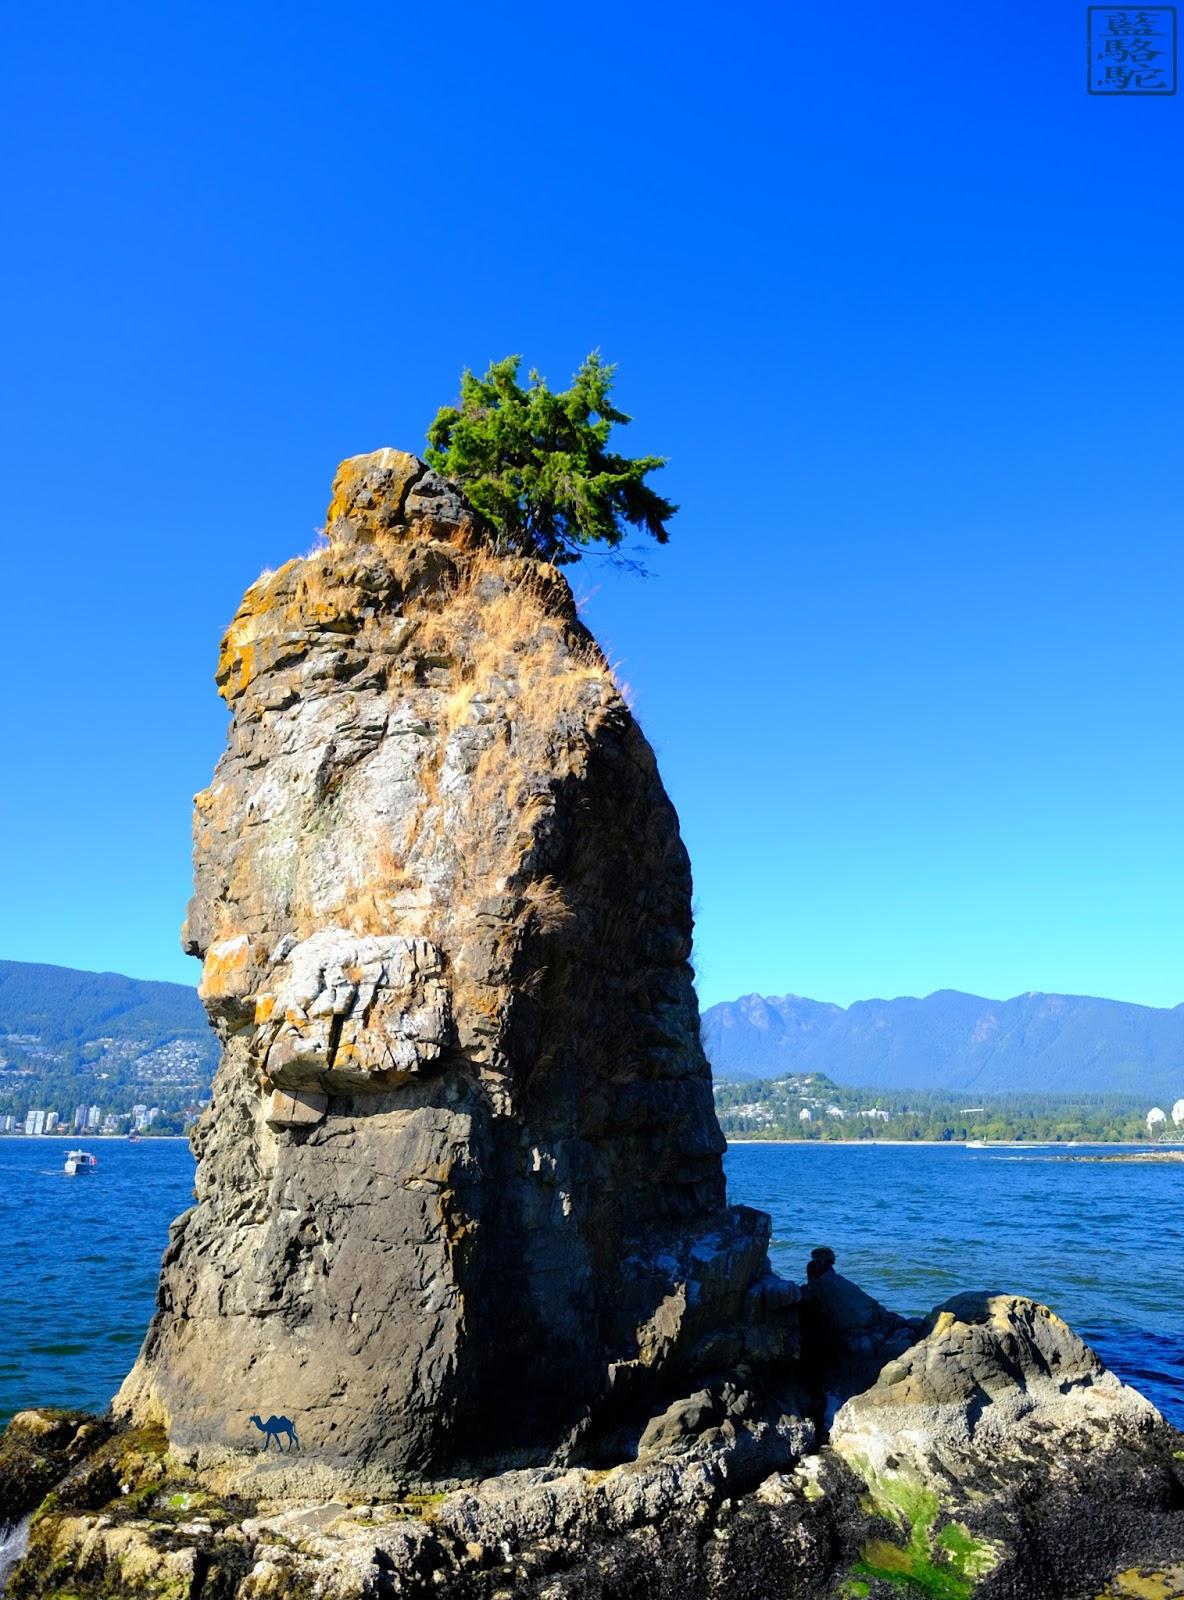 Le Chameau Bleu - Rocher de Stanley Park - Vancouver